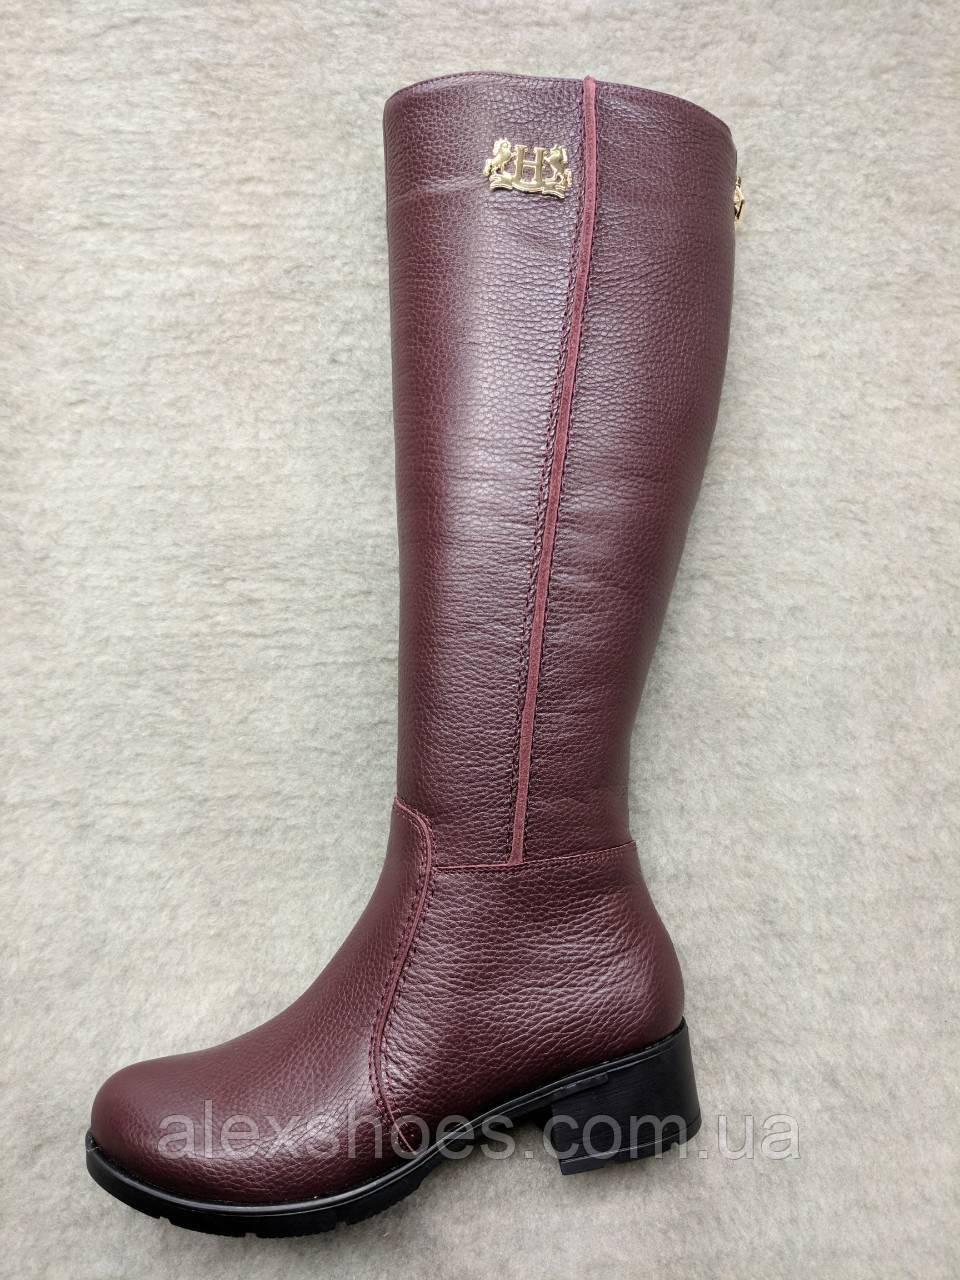 Сапоги женские зимние из натуральной кожи на широком каблуке от производителя  модель